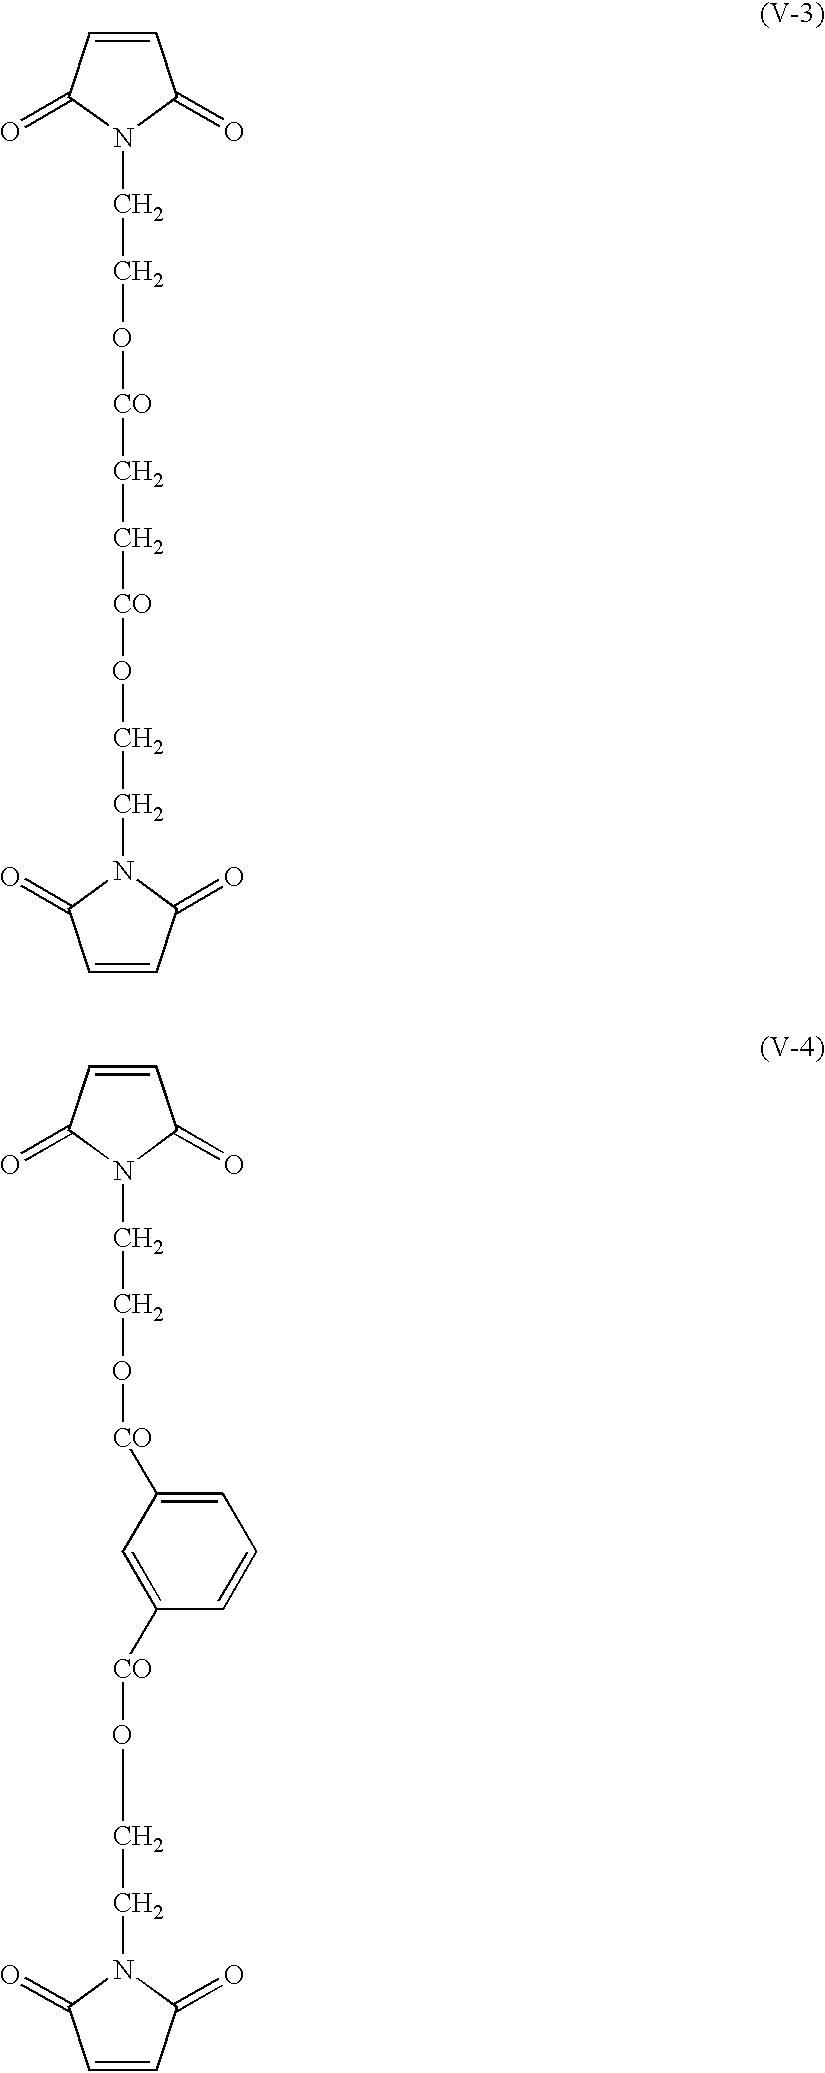 Figure US20030165778A1-20030904-C00035